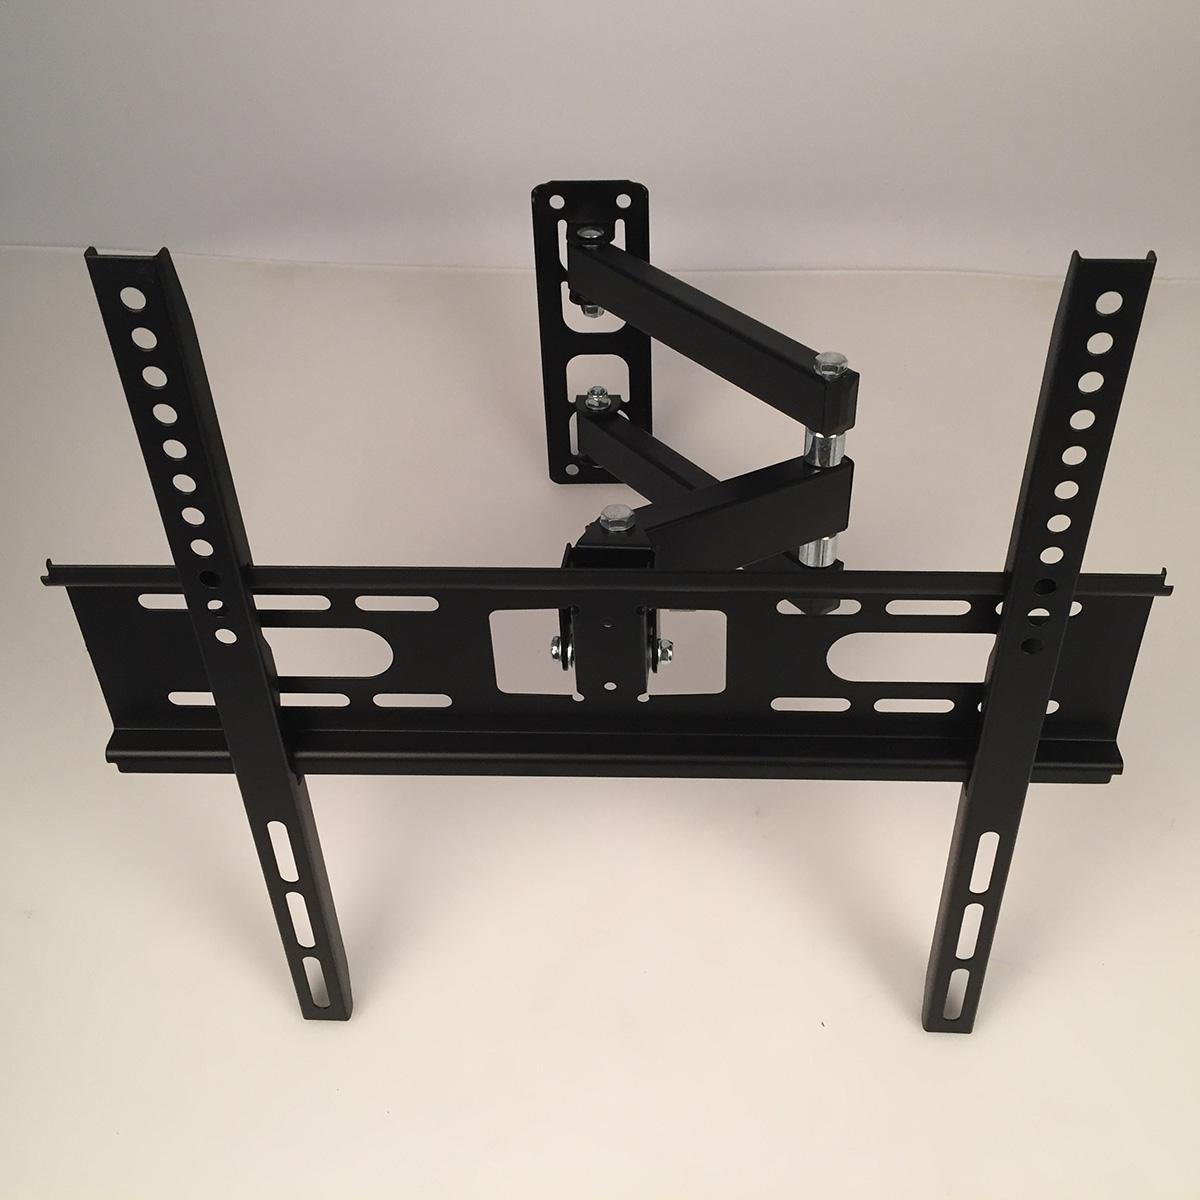 heavy duty lcd led plasma 4k tv wall mount full motion tilt 22 55 swivel arm ebay. Black Bedroom Furniture Sets. Home Design Ideas